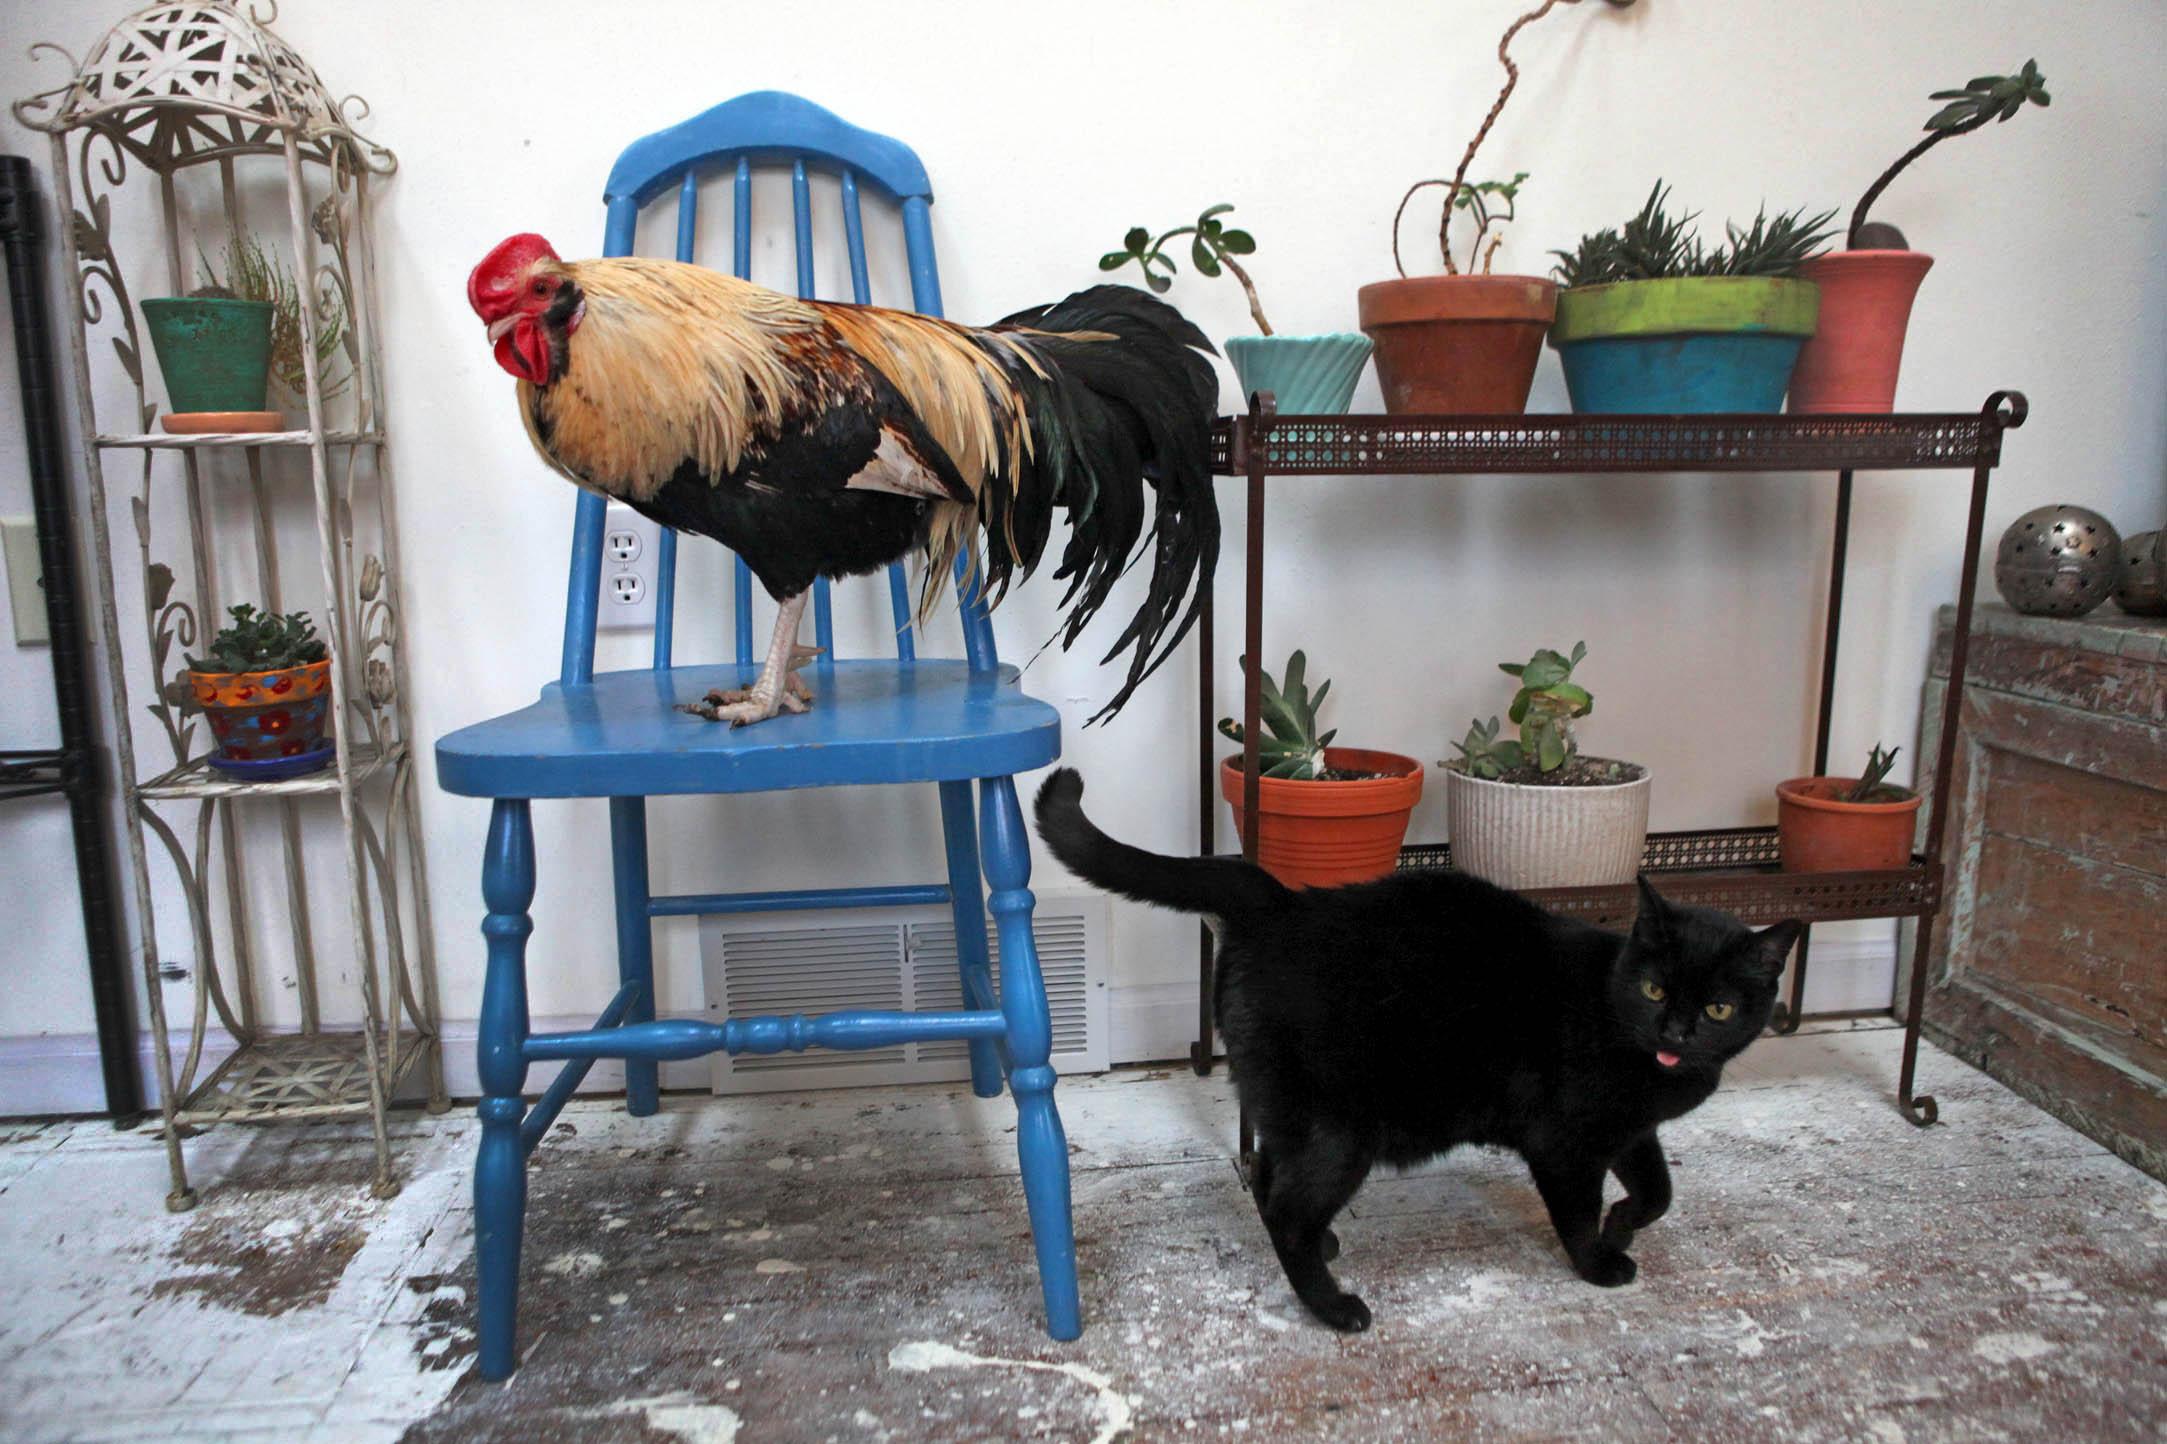 chicken_nwg_kwg_1